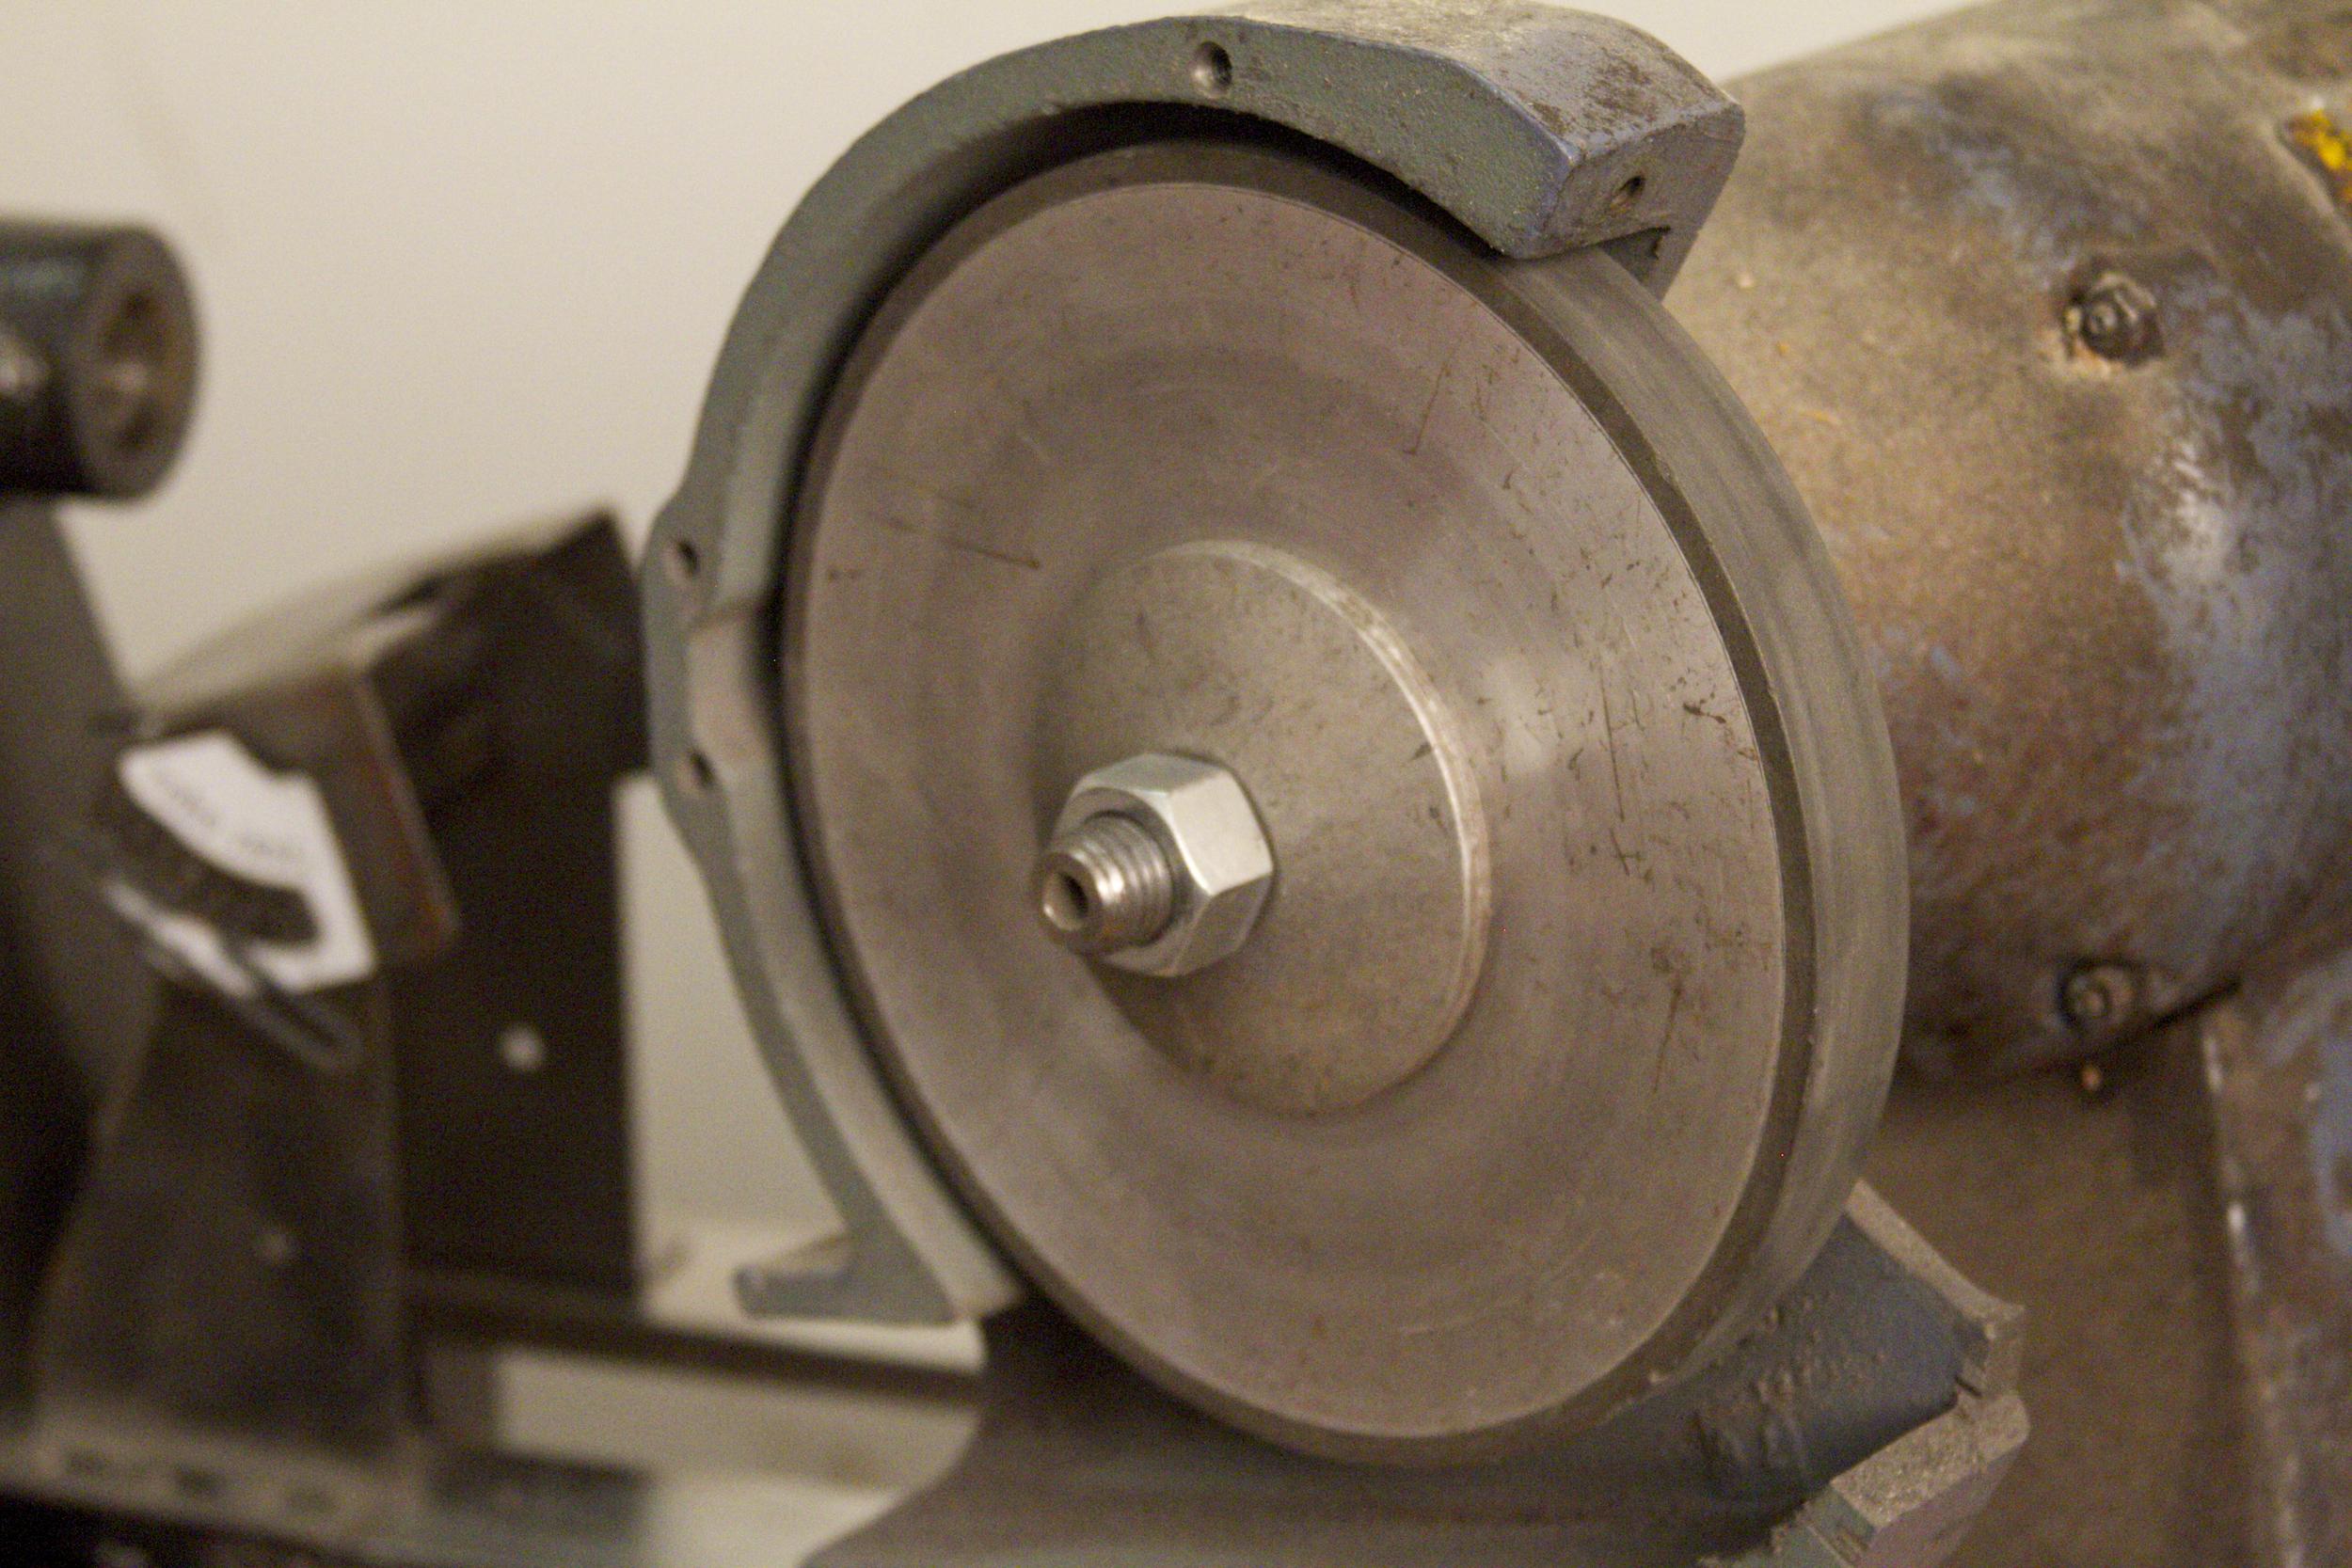 NW Super Abrasive with standard flange on Baldor